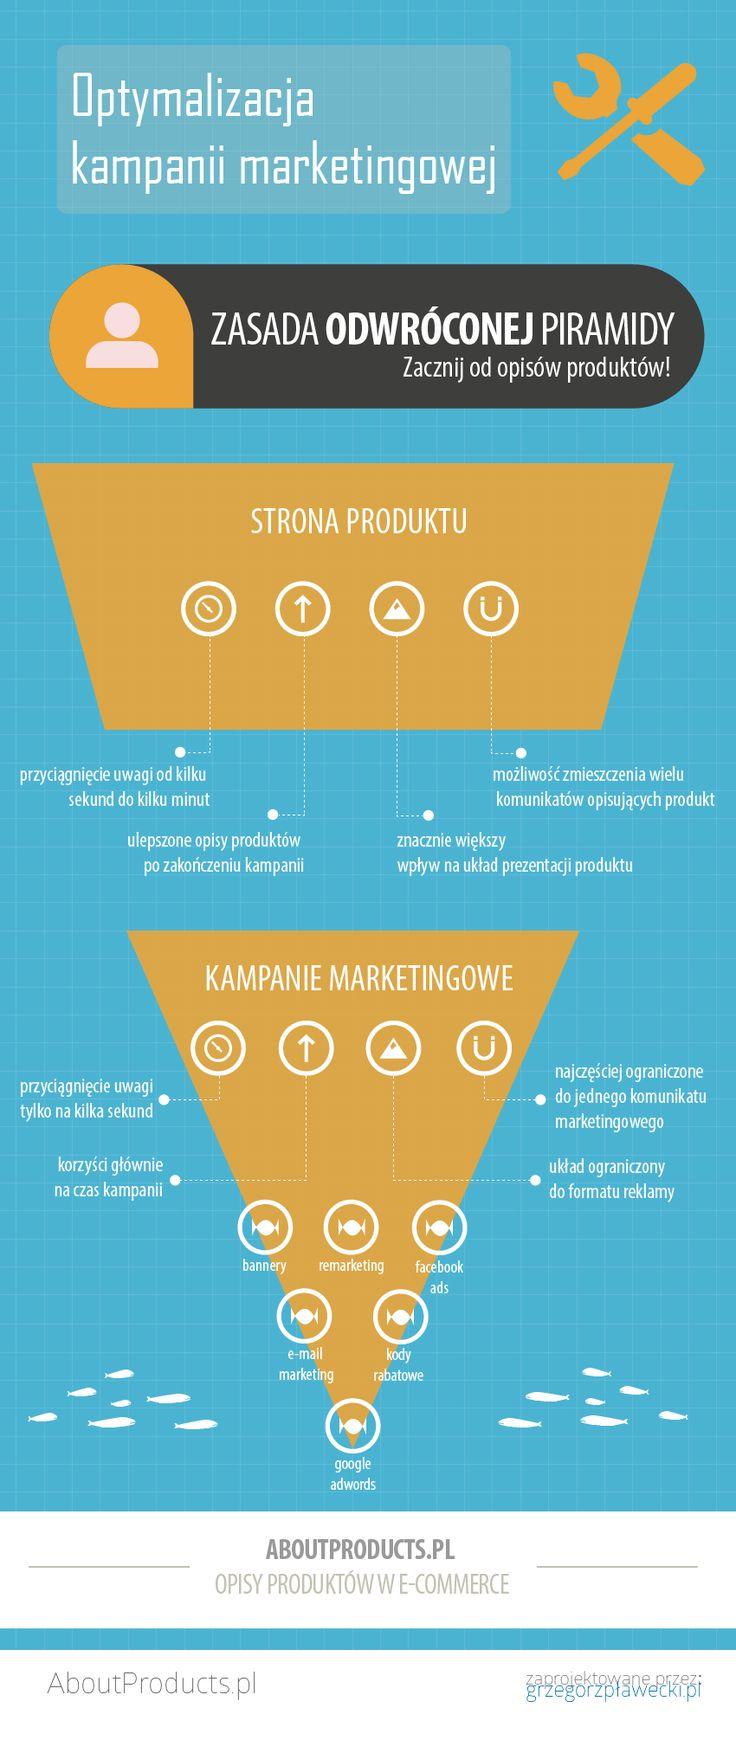 Zasada odwróconej piramidy w kampanii marketingowego. Pełny artykuł: http://aboutproducts.pl/blog/kampania-reklamowa-zacznij-od-optymalizacji-opisow-produktow/